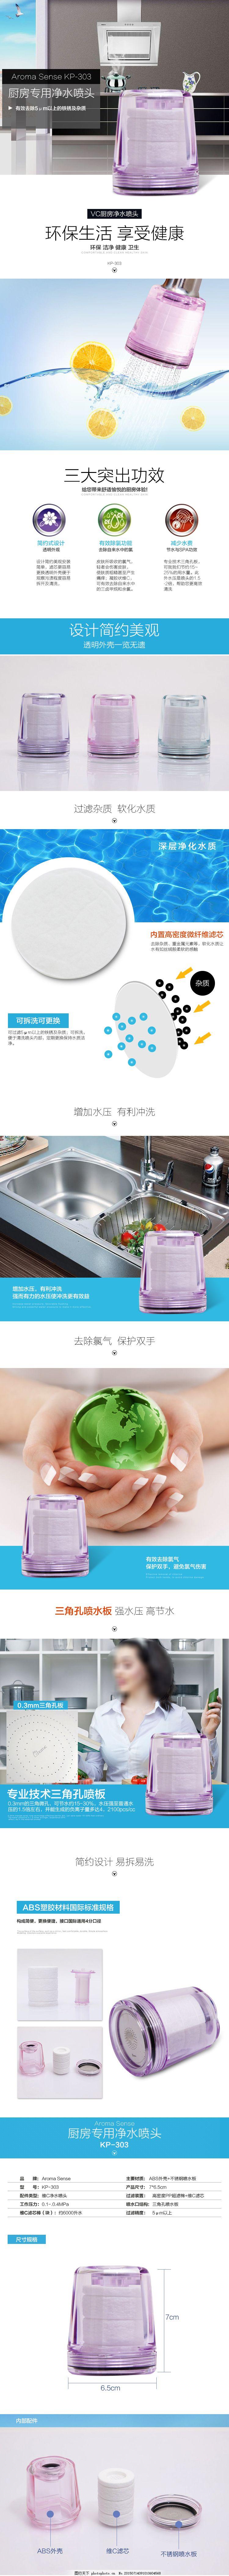 厨房喷头详情 厨房喷头器详情 淘宝厨房喷头详情